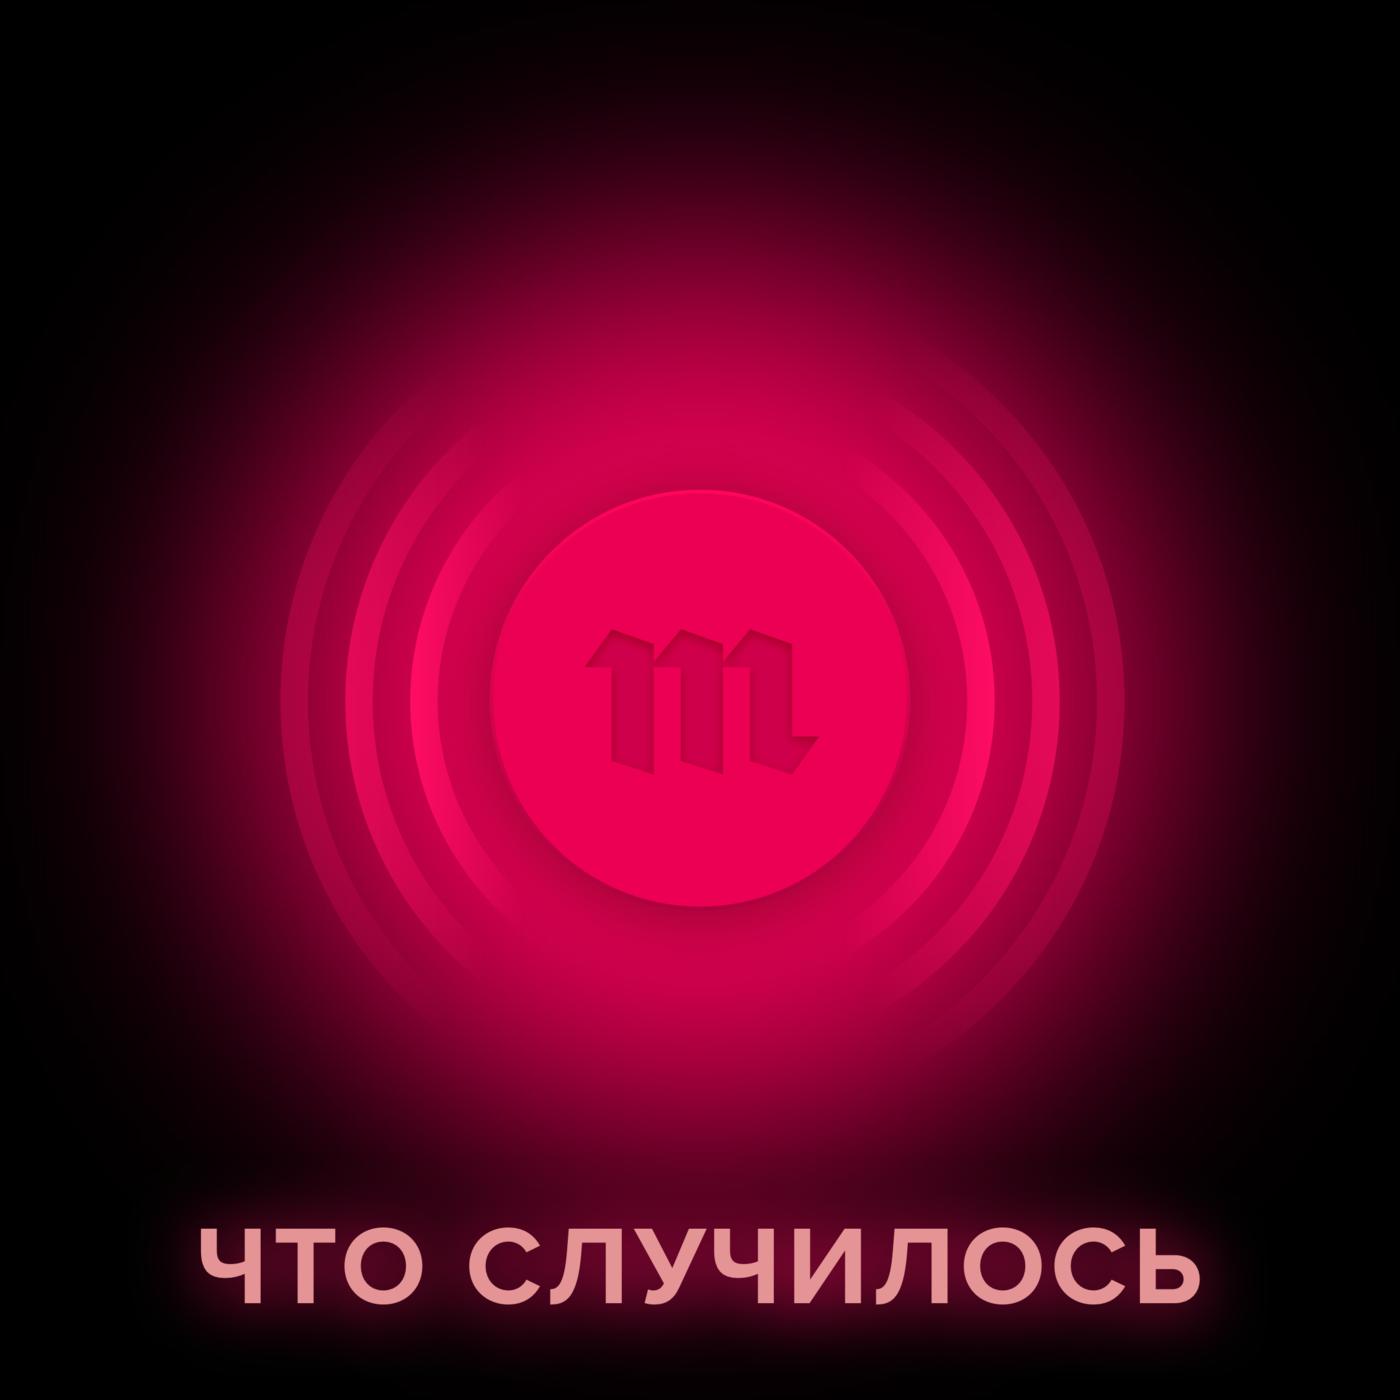 Владислав Горин Сидеть дома, вызывать психотерапевта. Как паника из-за коронавируса распространяется в России